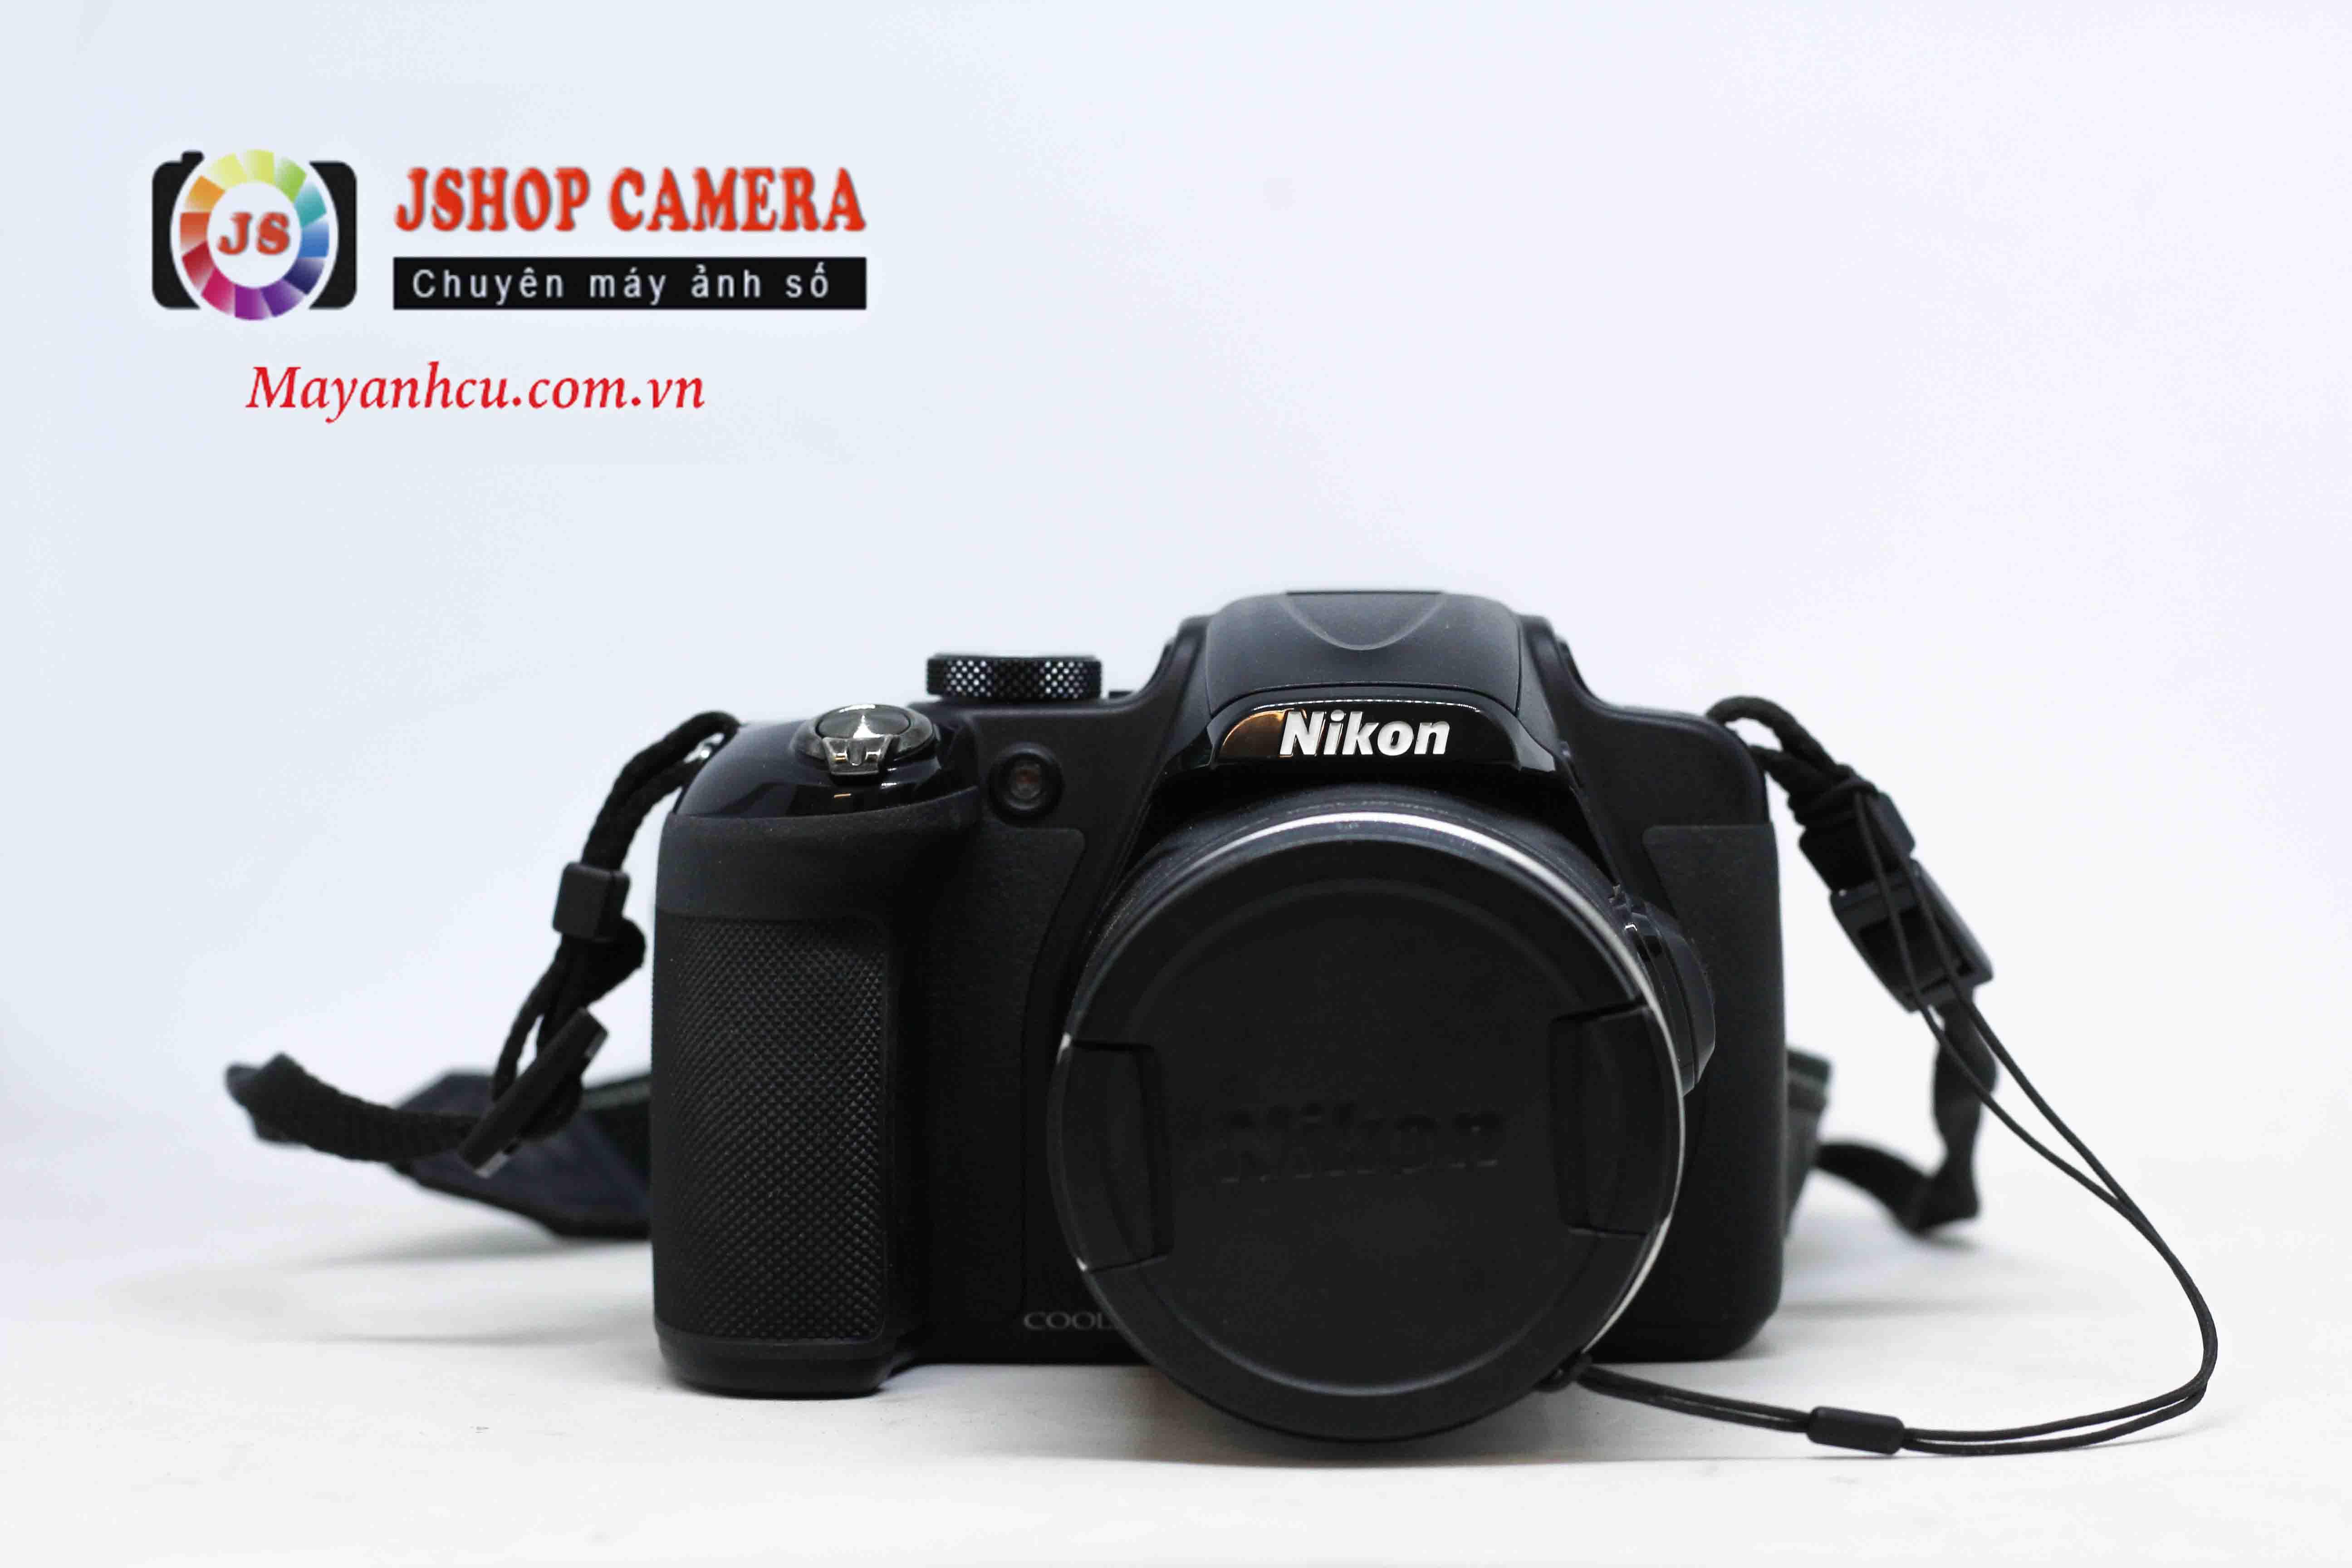 Máy ảnh NIKON COOLPIX P600